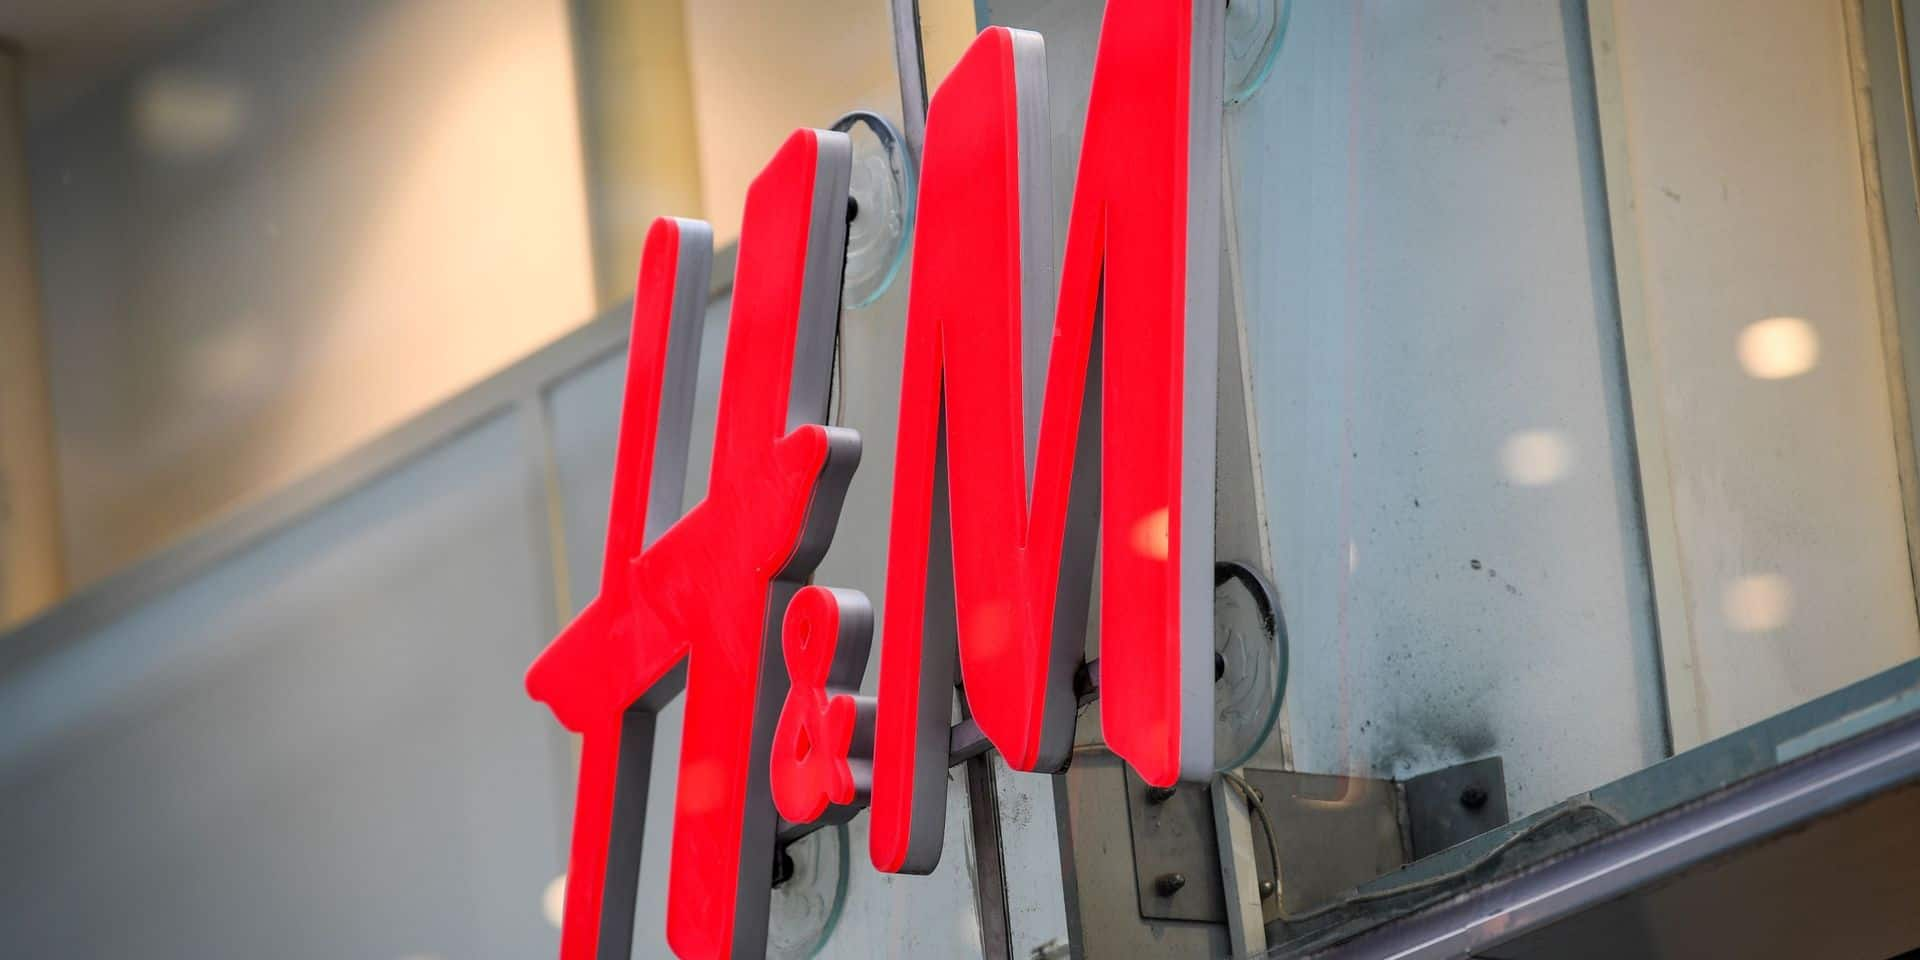 H&M condamné à 35 millions d'euros pour avoir espionné ses employés